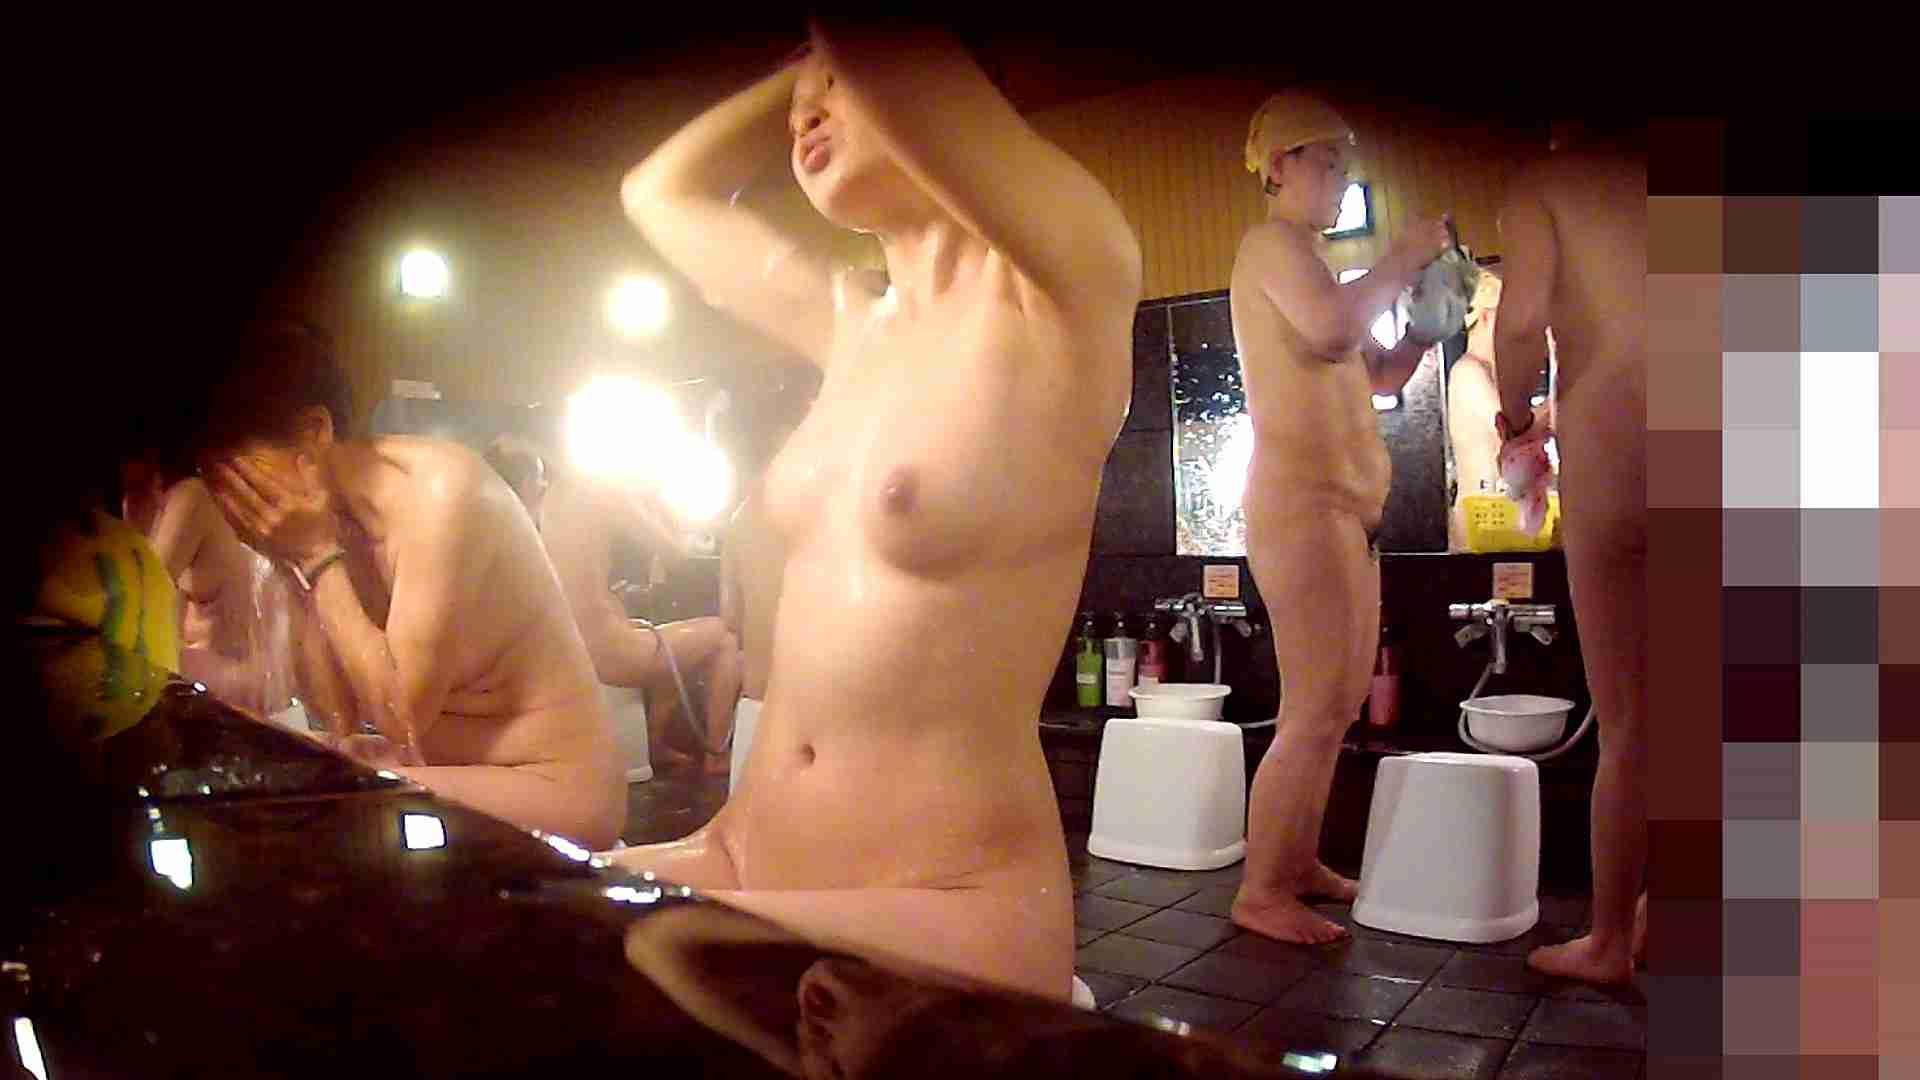 無料アダルト動画:洗い場!陰毛が綺麗に整ってる微美人お嬢様:怪盗ジョーカー